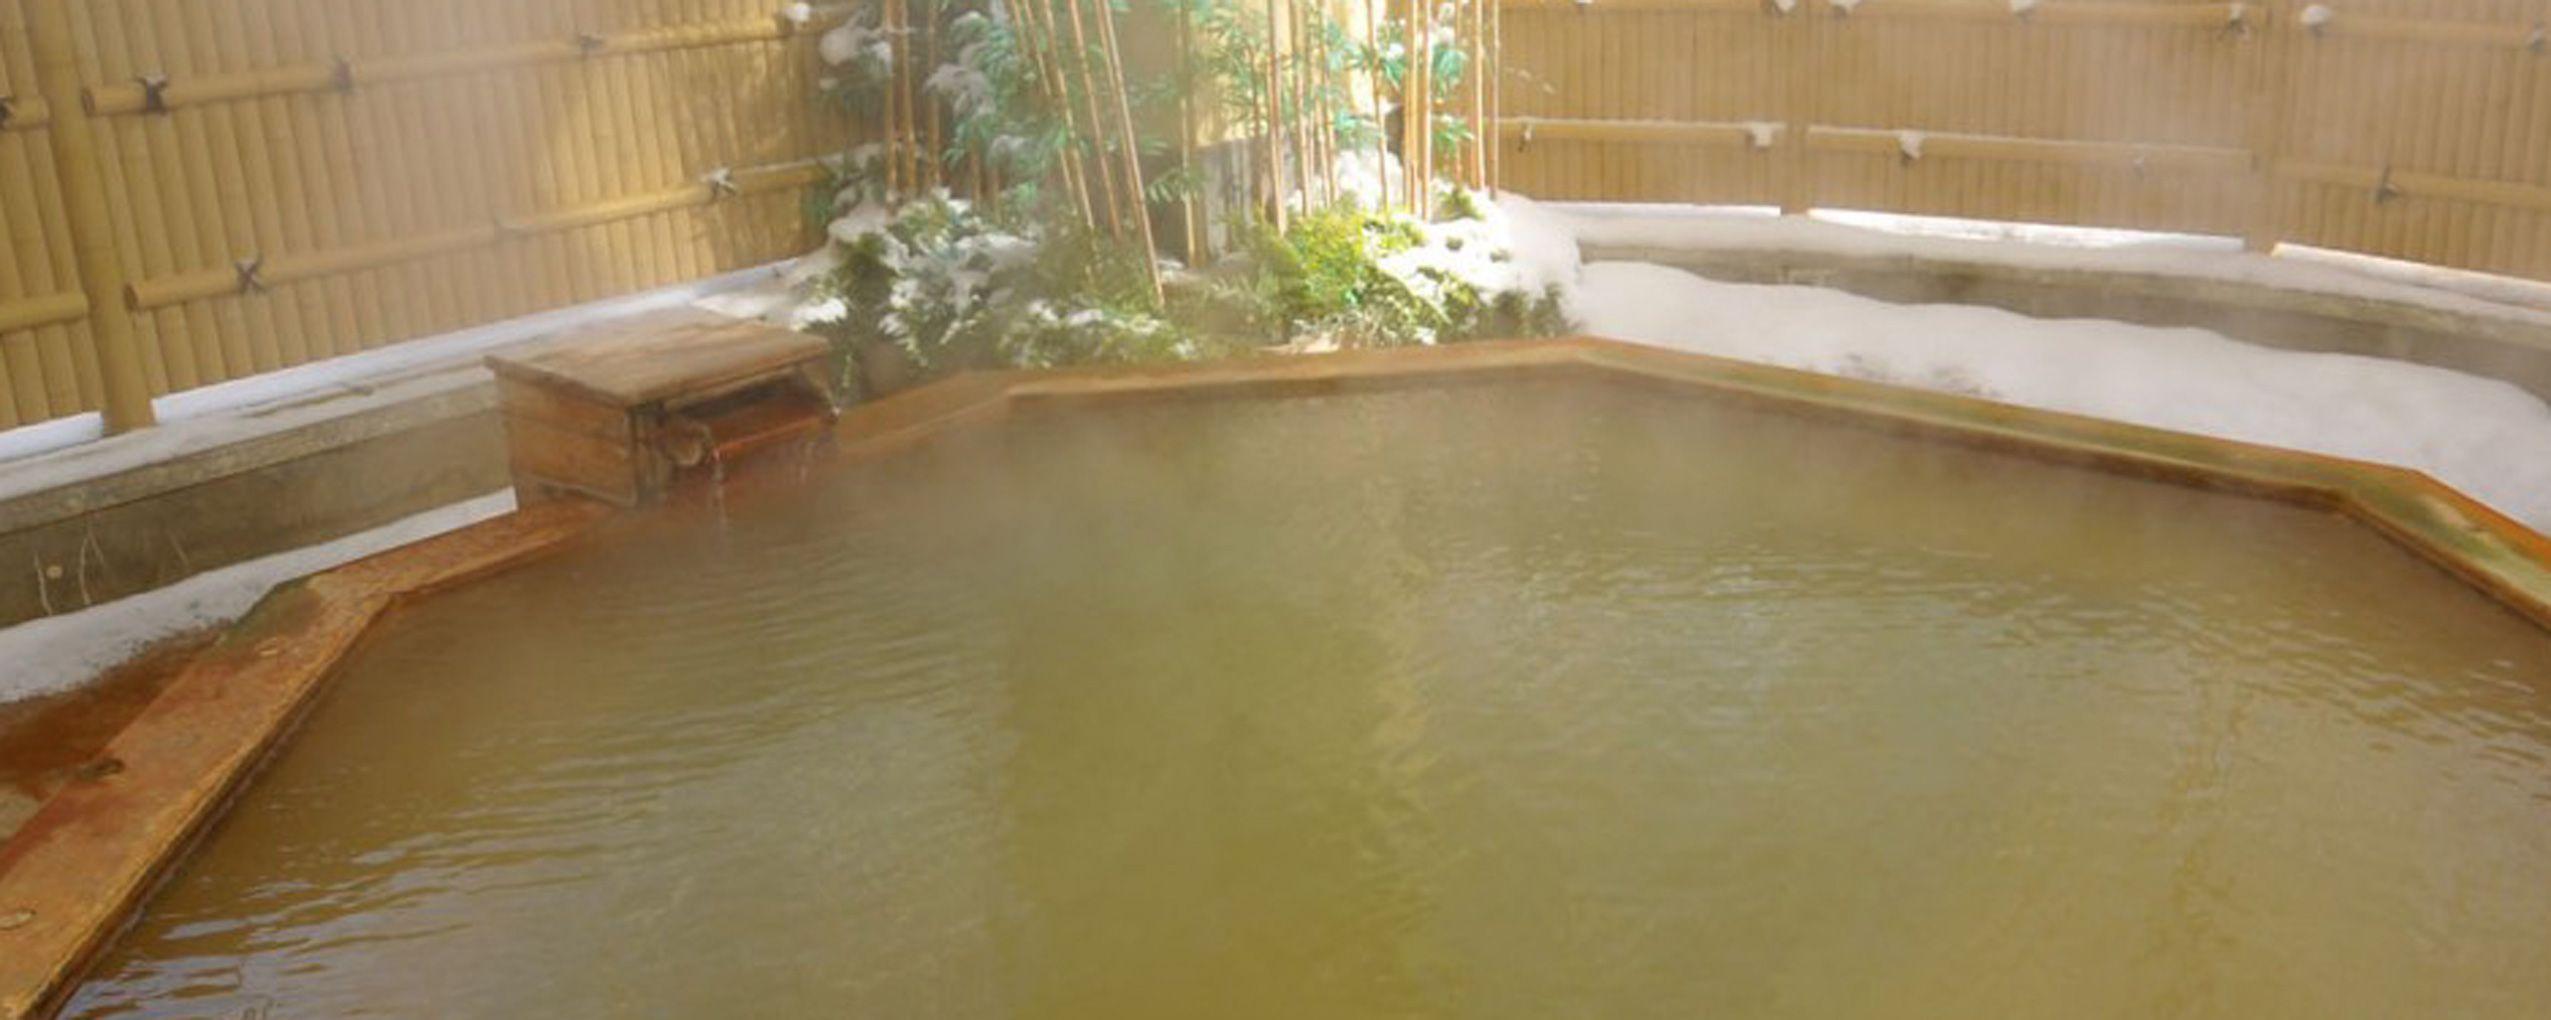 ¡Sumérjase en el baño! - JNTO Oficina Nacional del Turismo Japonés